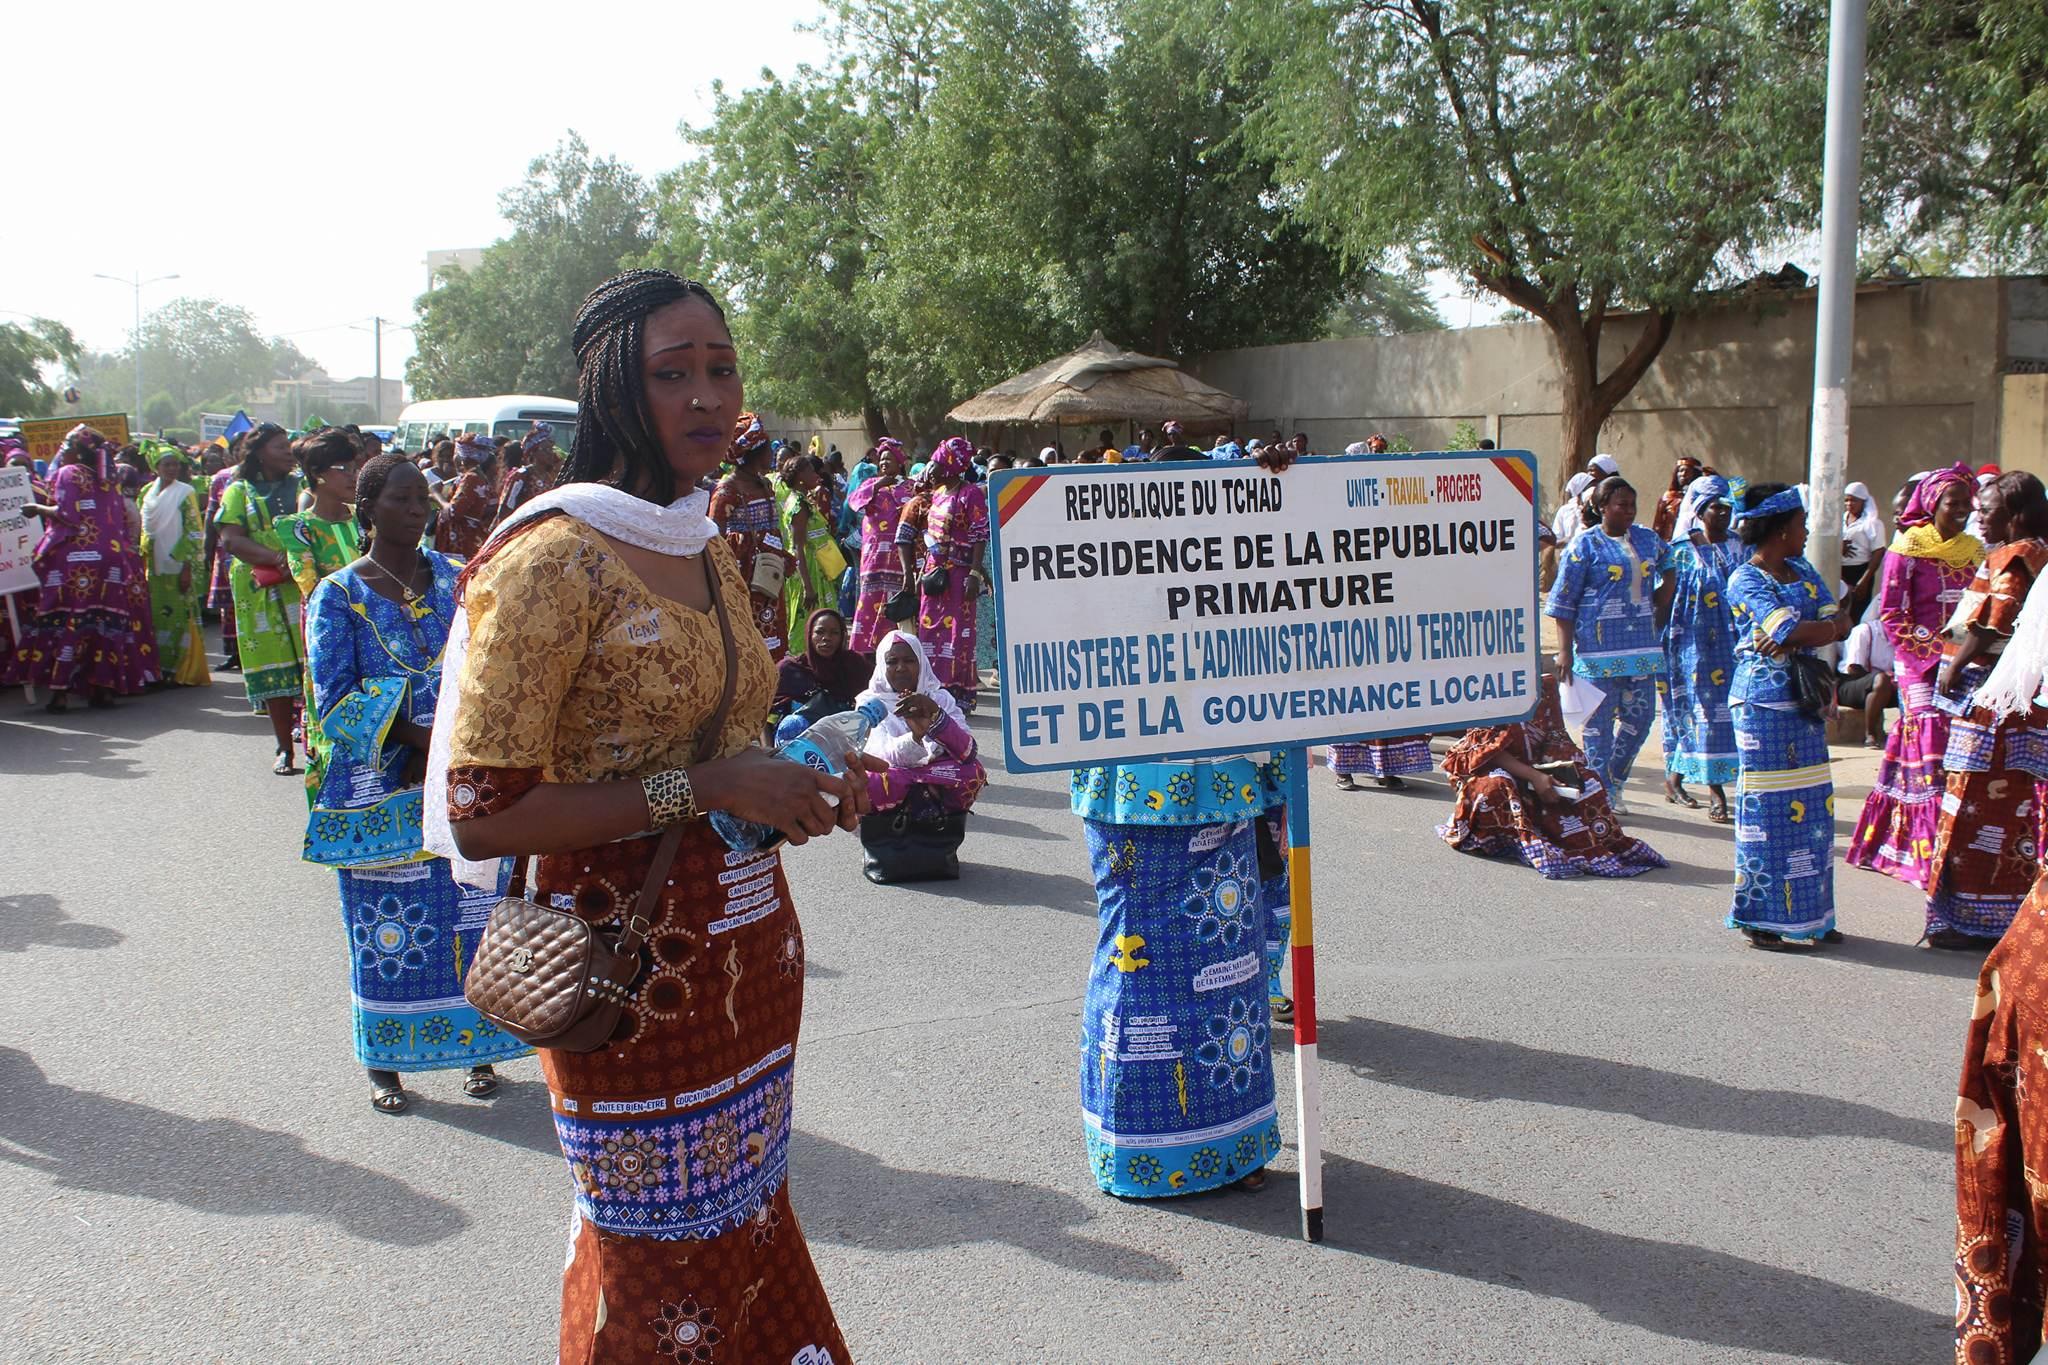 Un défilé du personnel féminin de la Primature à la place de la nation, pour la journée internationale de la femme. Alwihda Info/D.W.